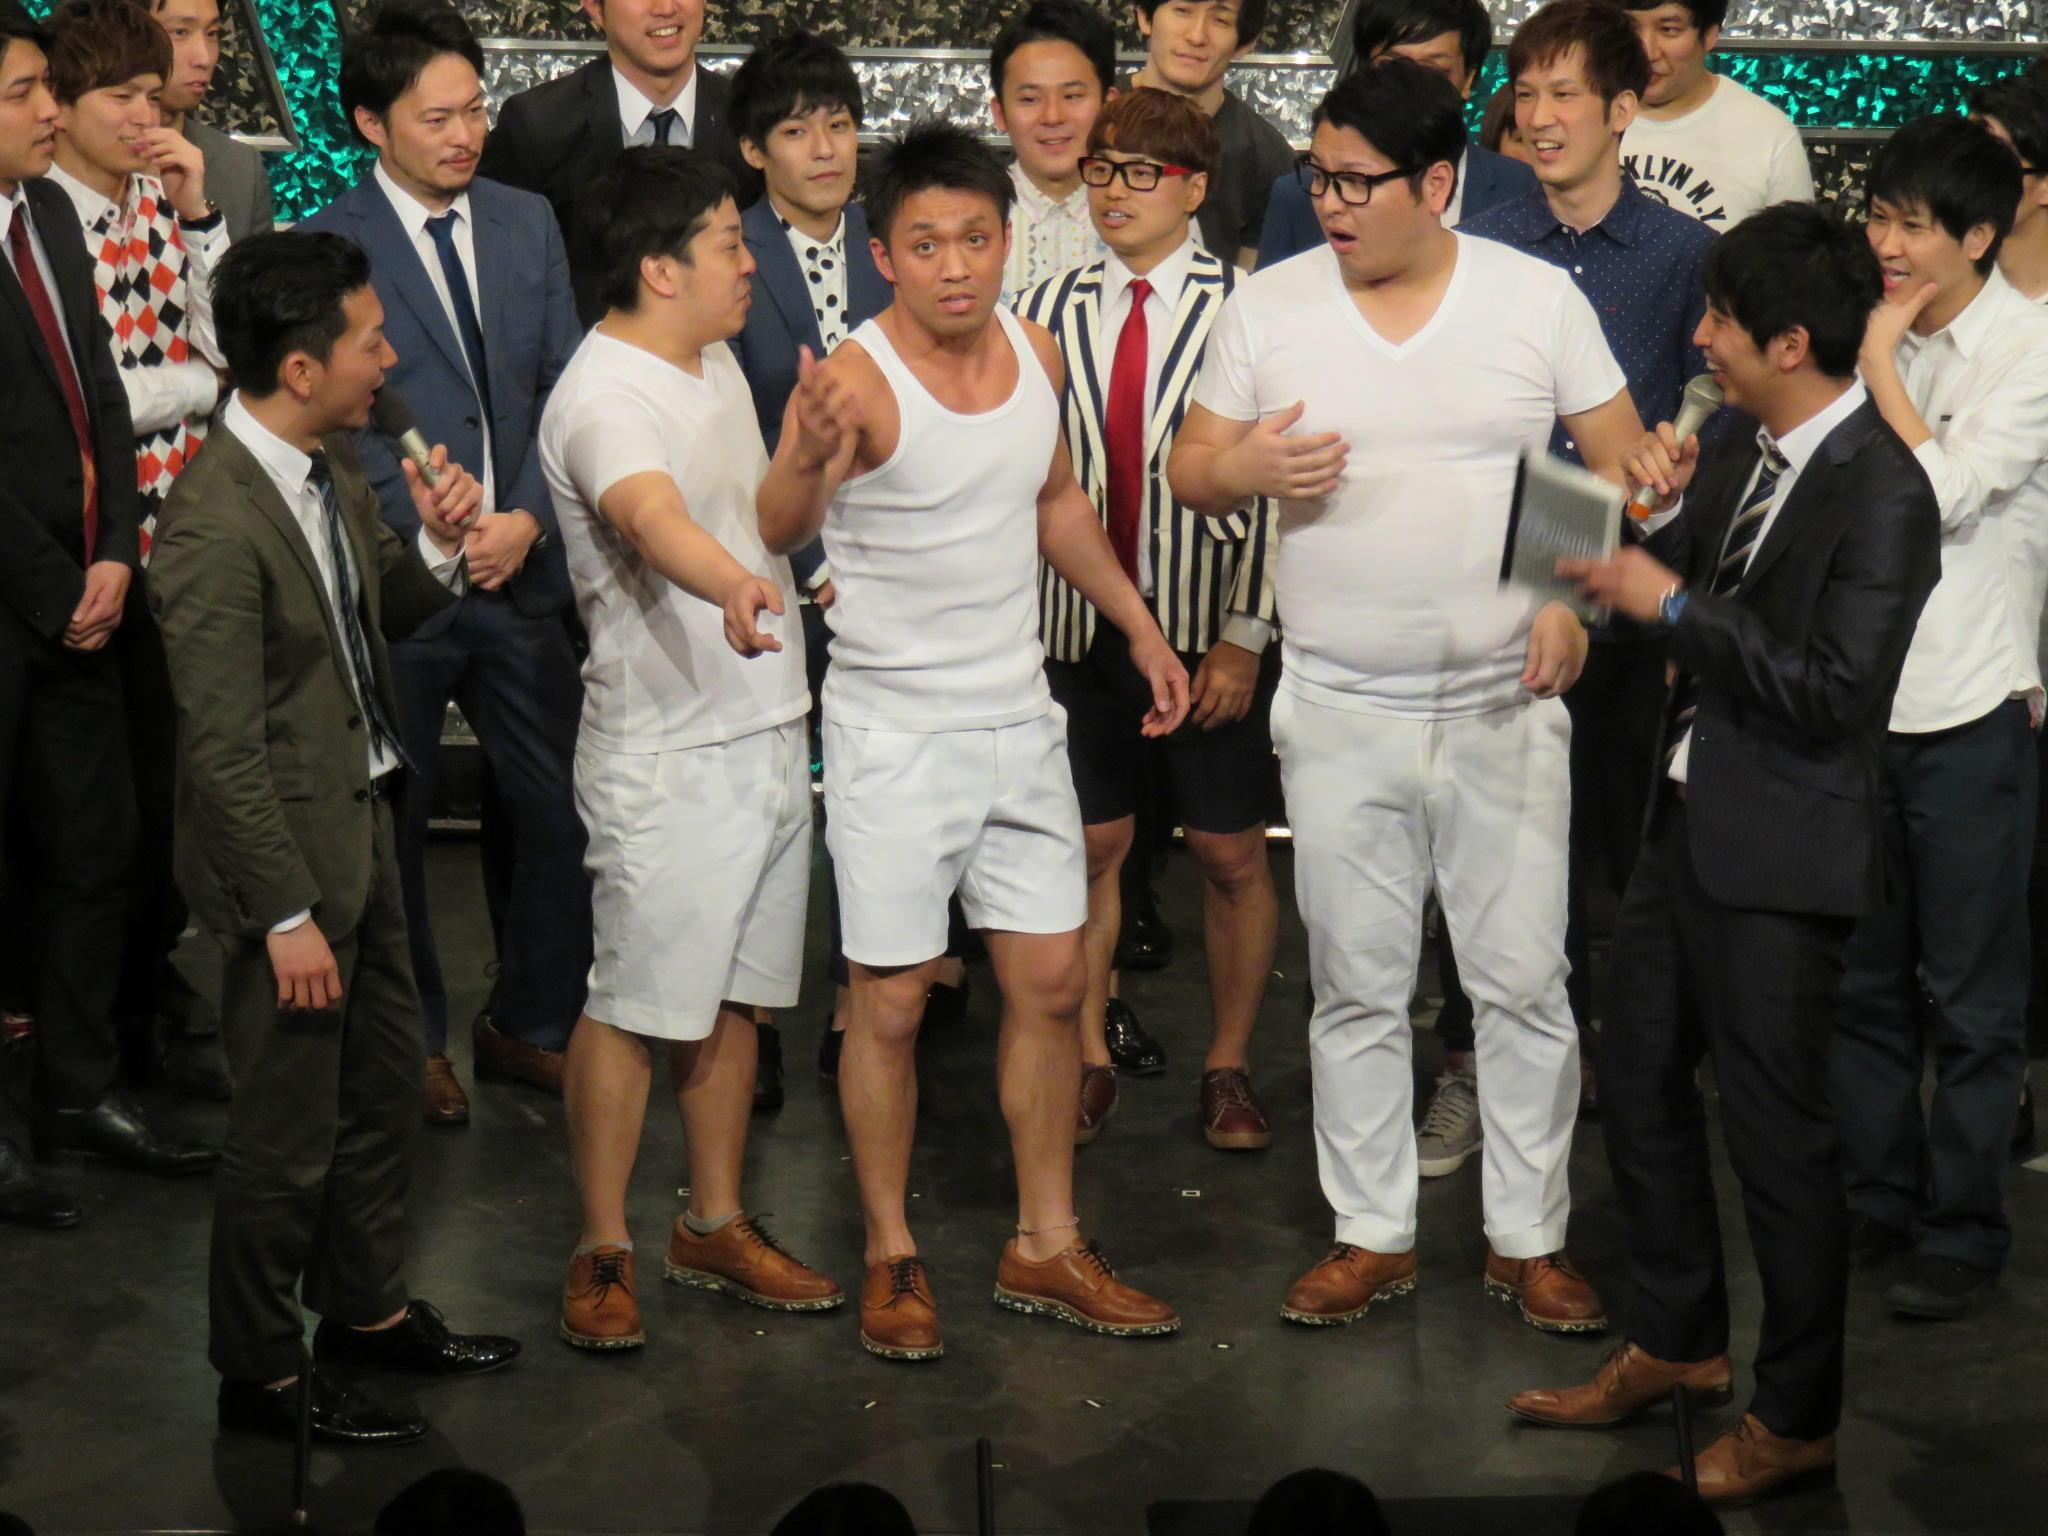 http://news.yoshimoto.co.jp/20151130225024-d8487598b503478ef444fc0a129a3f48a0a1262b.jpg